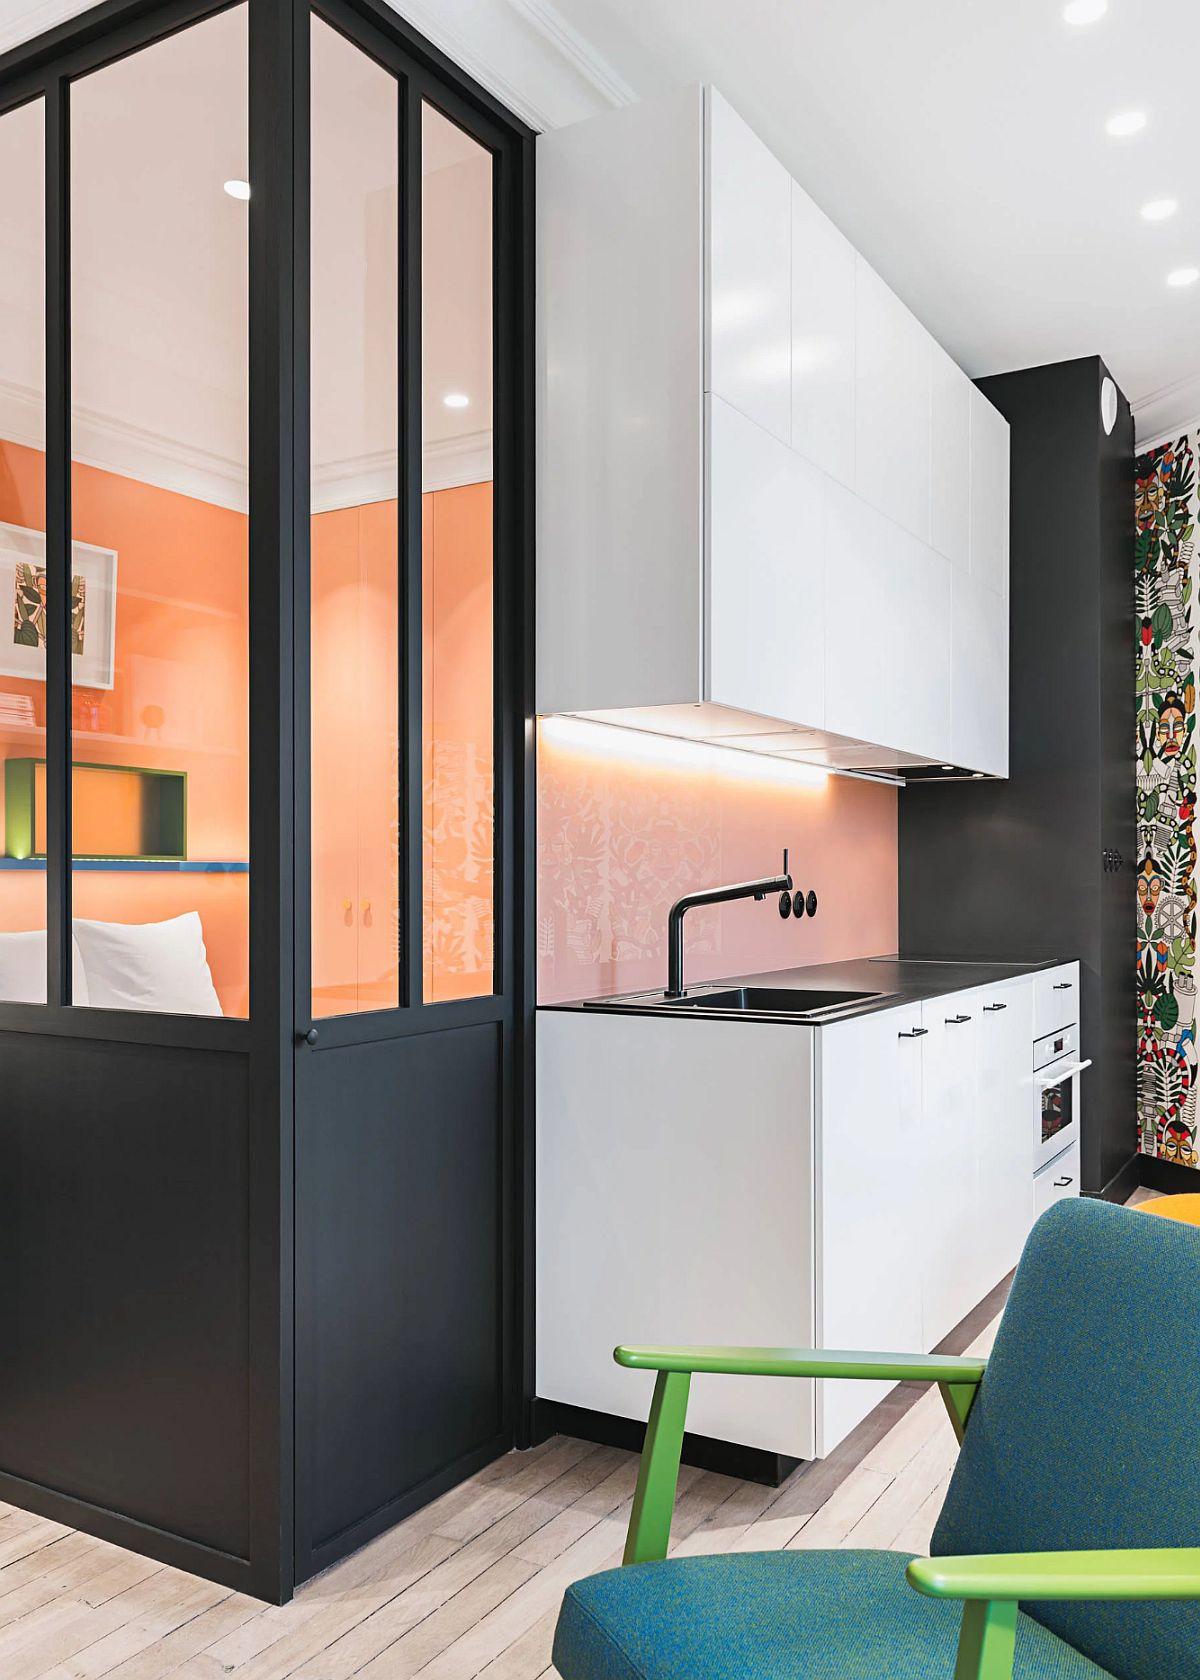 adelaparvu.com despre renovare apartament 35 mp, Nantes, designer Pierre-Edouard Milochau, Foto Decodheure, Caroline Morin (6)